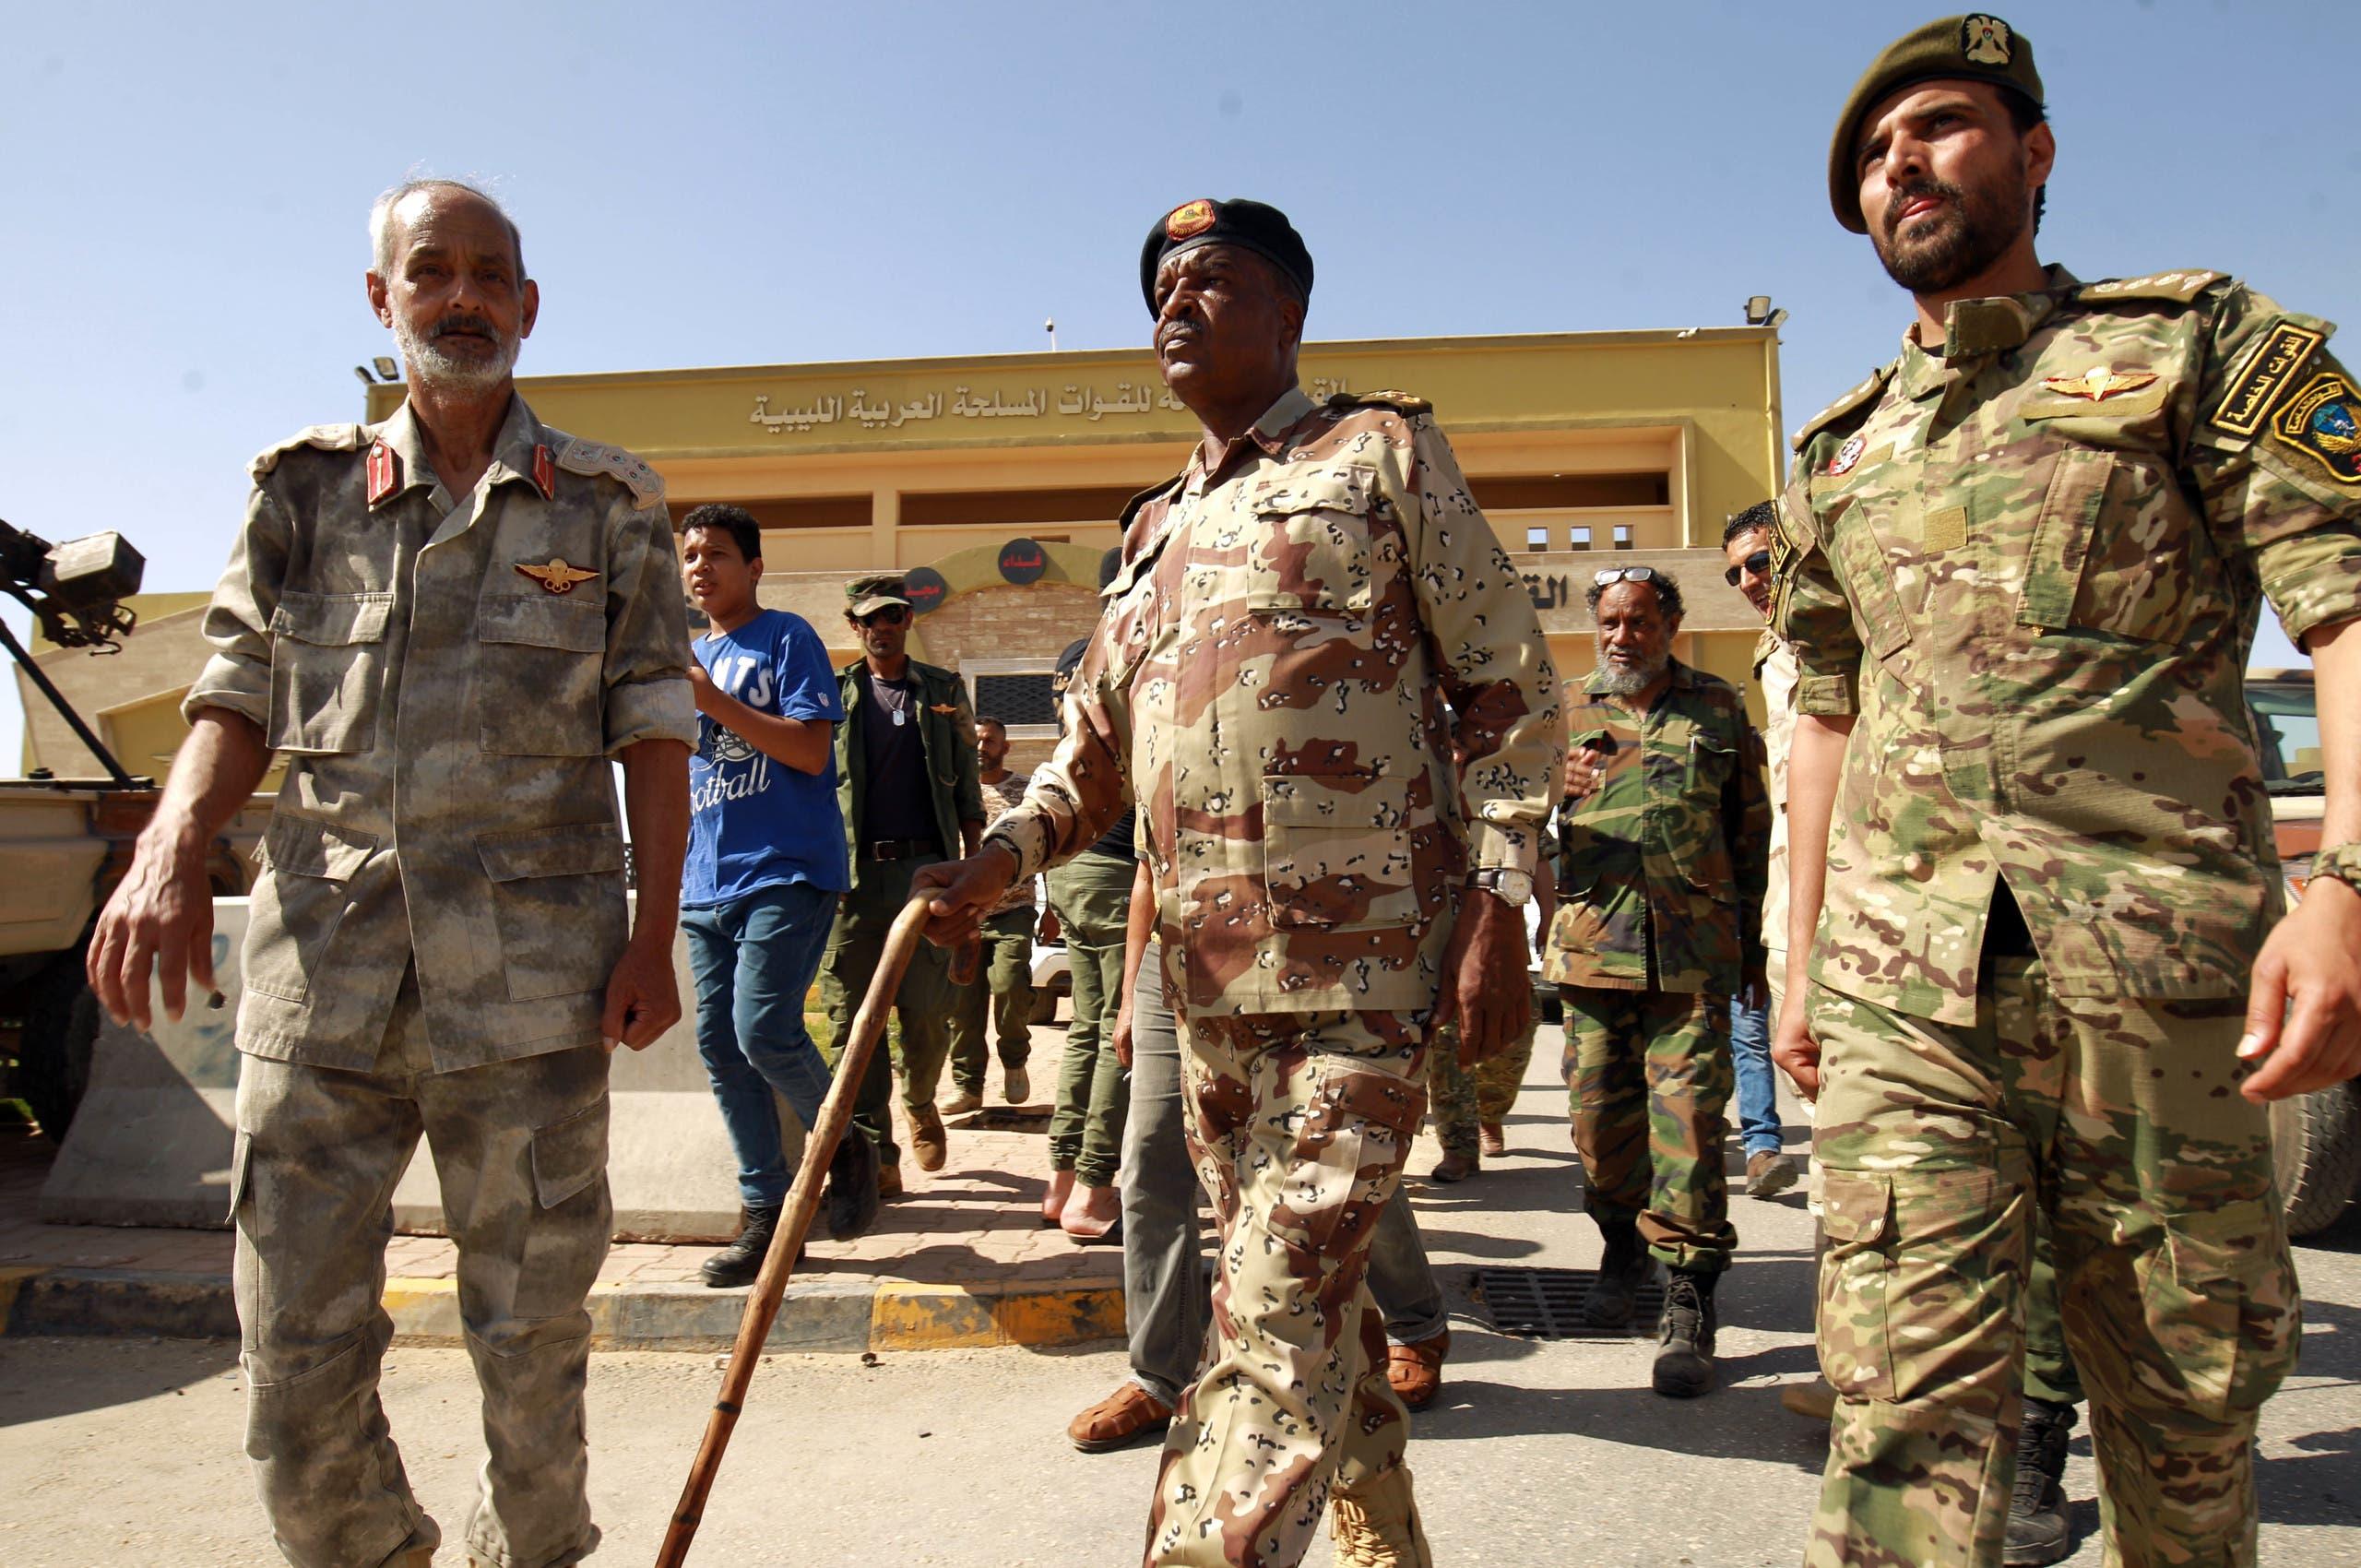 قيادات من الجيش الوطني الليبي تستعد للانطلاق من بنغازي إلى سرت للدفاع عنها